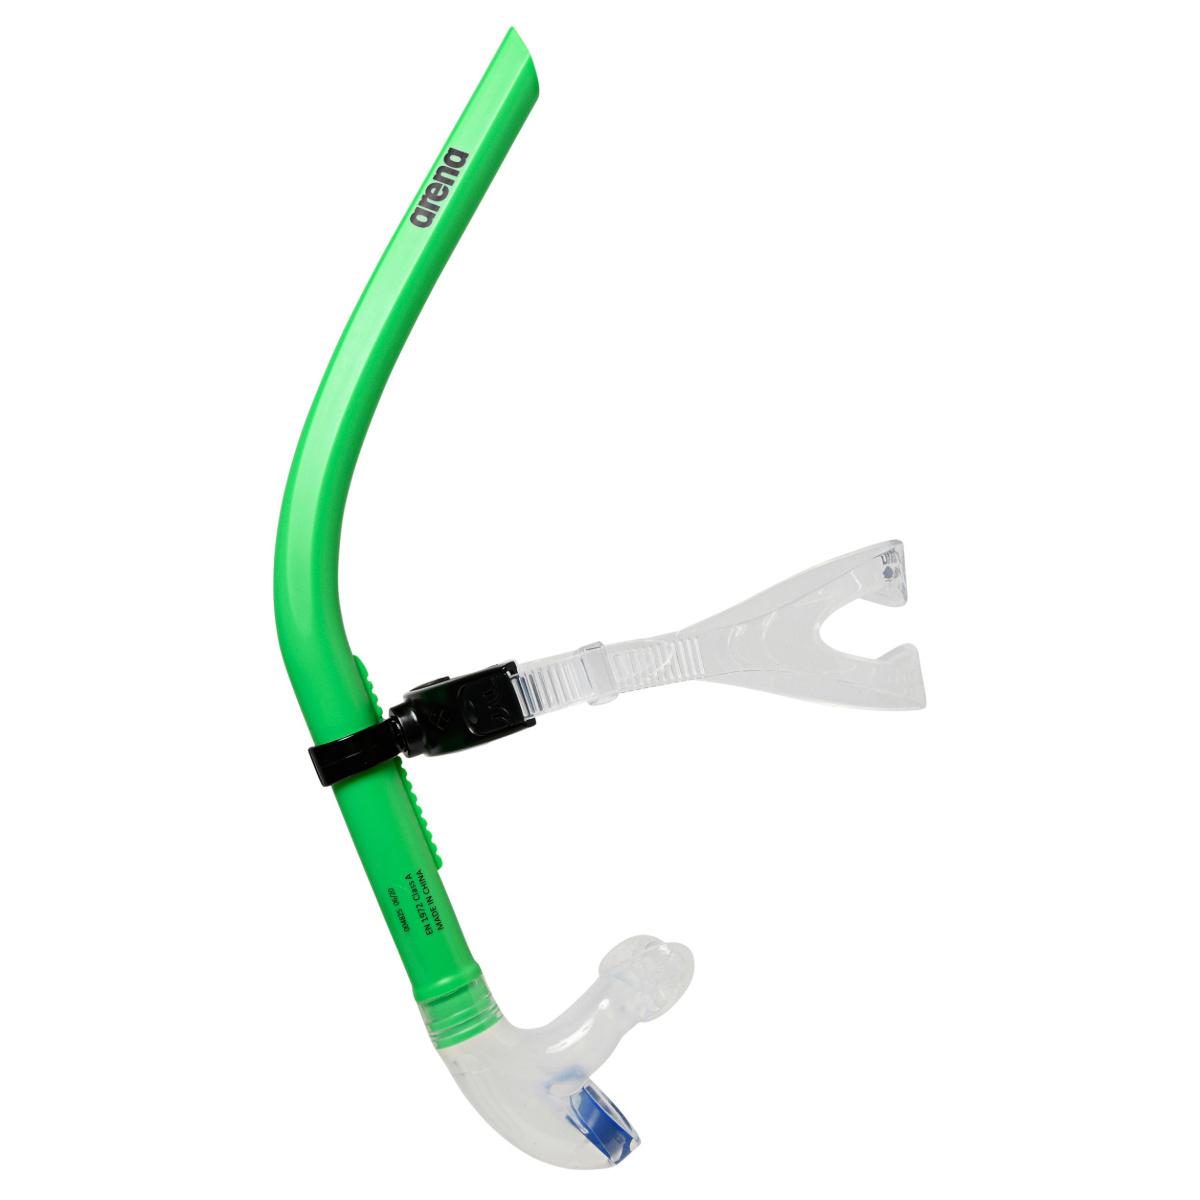 Produktbild von arena Swim Snorkel III Schnorchel - acid lime